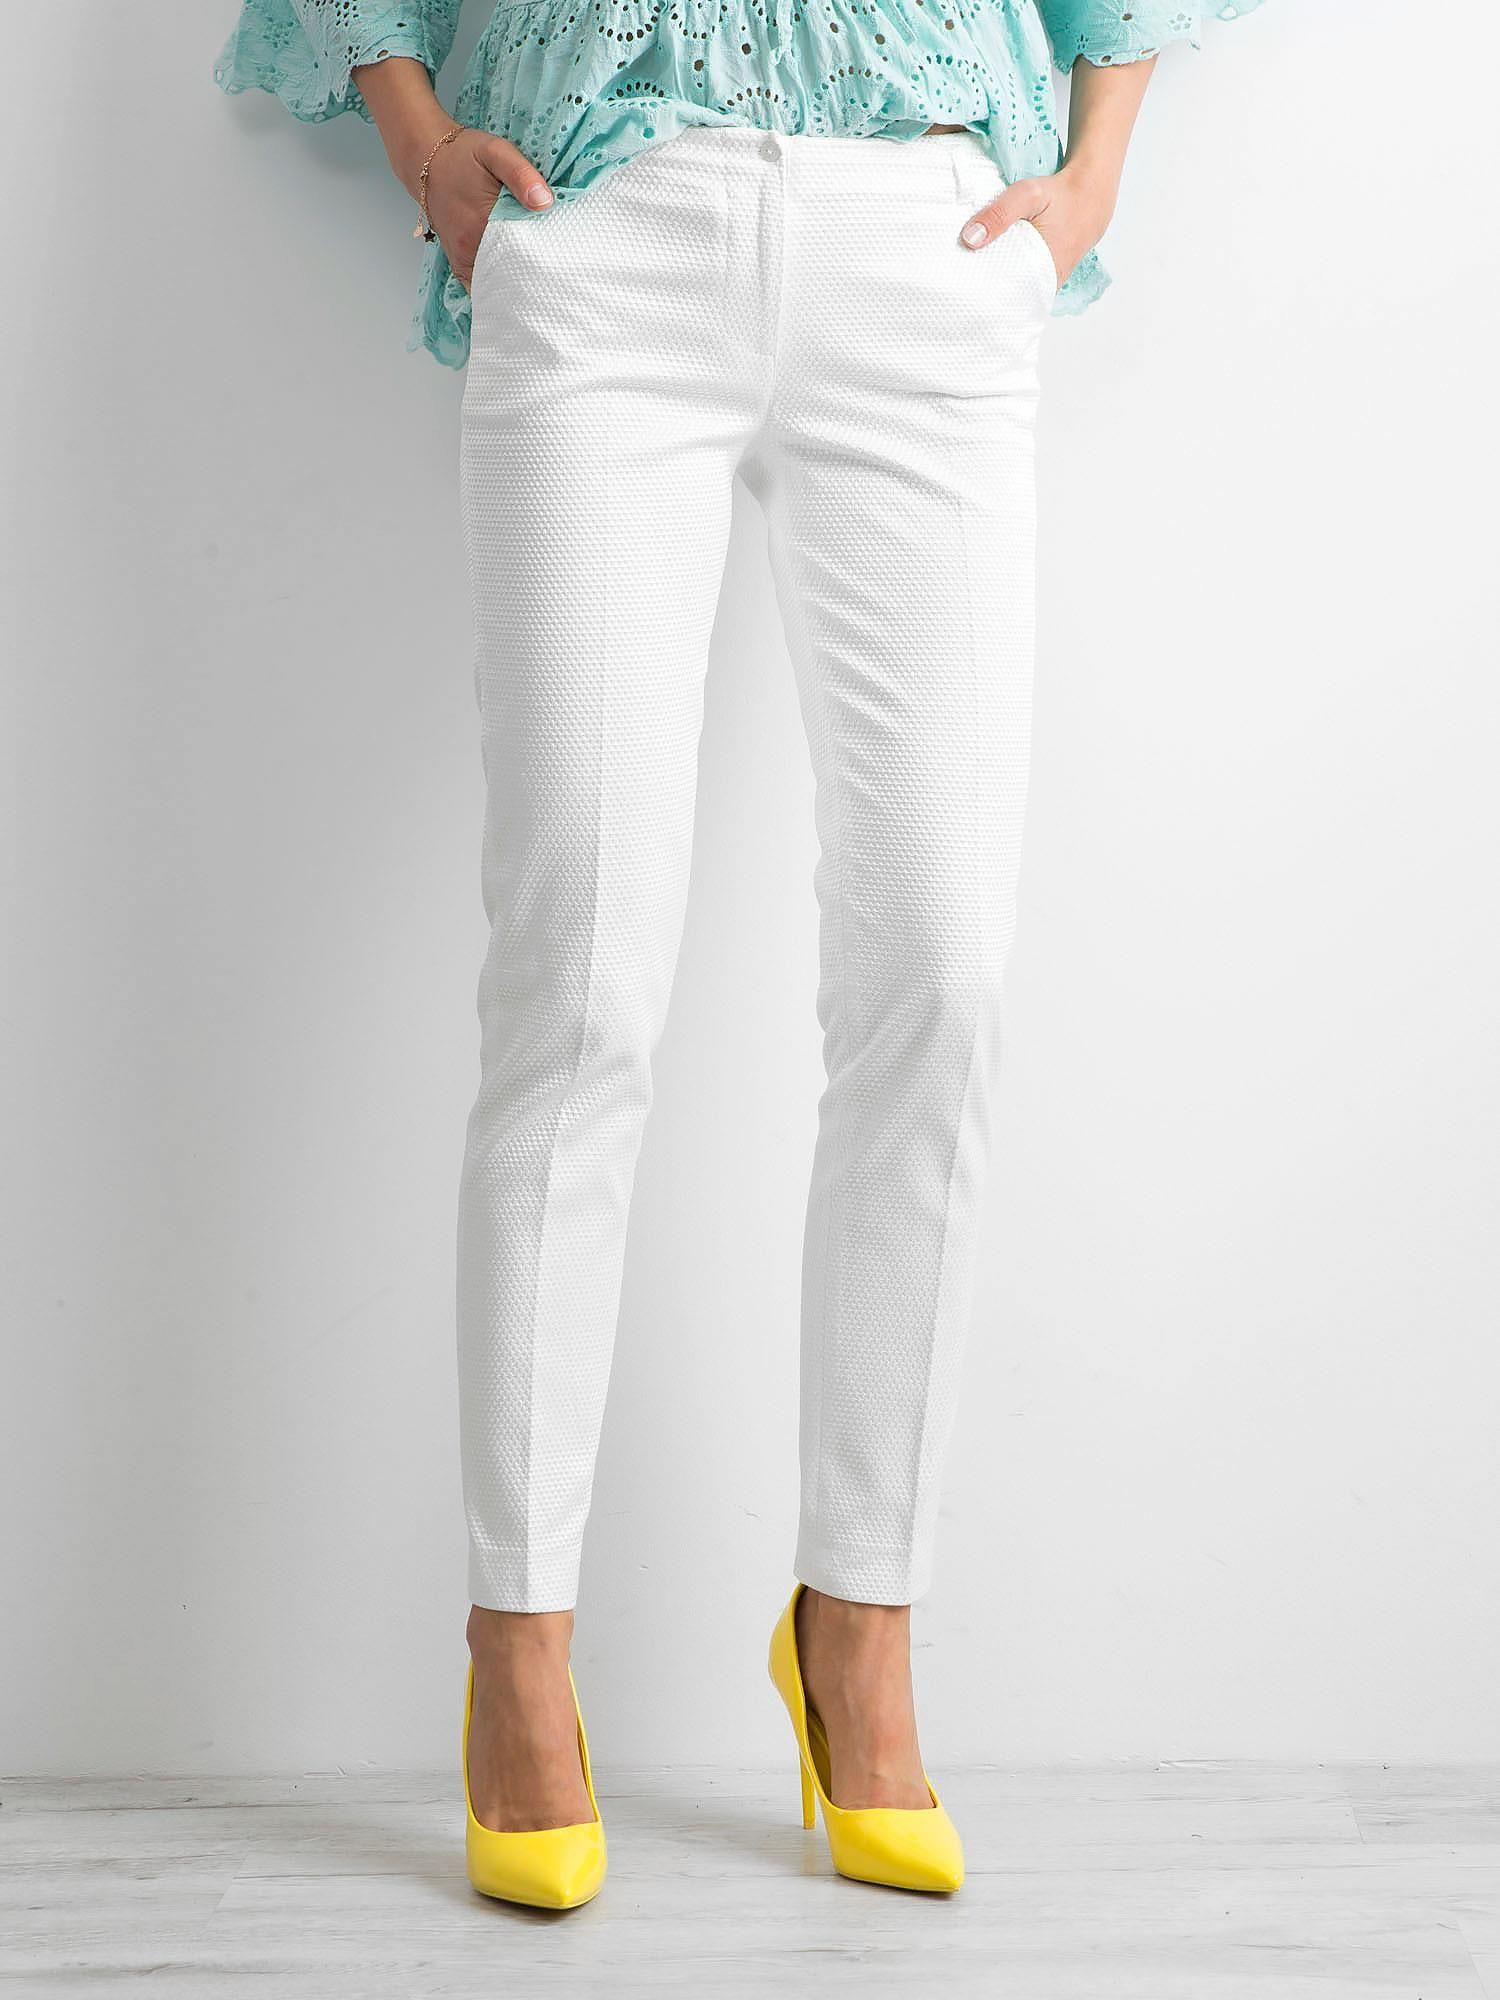 Białe spodnie damskie o prostym kroju